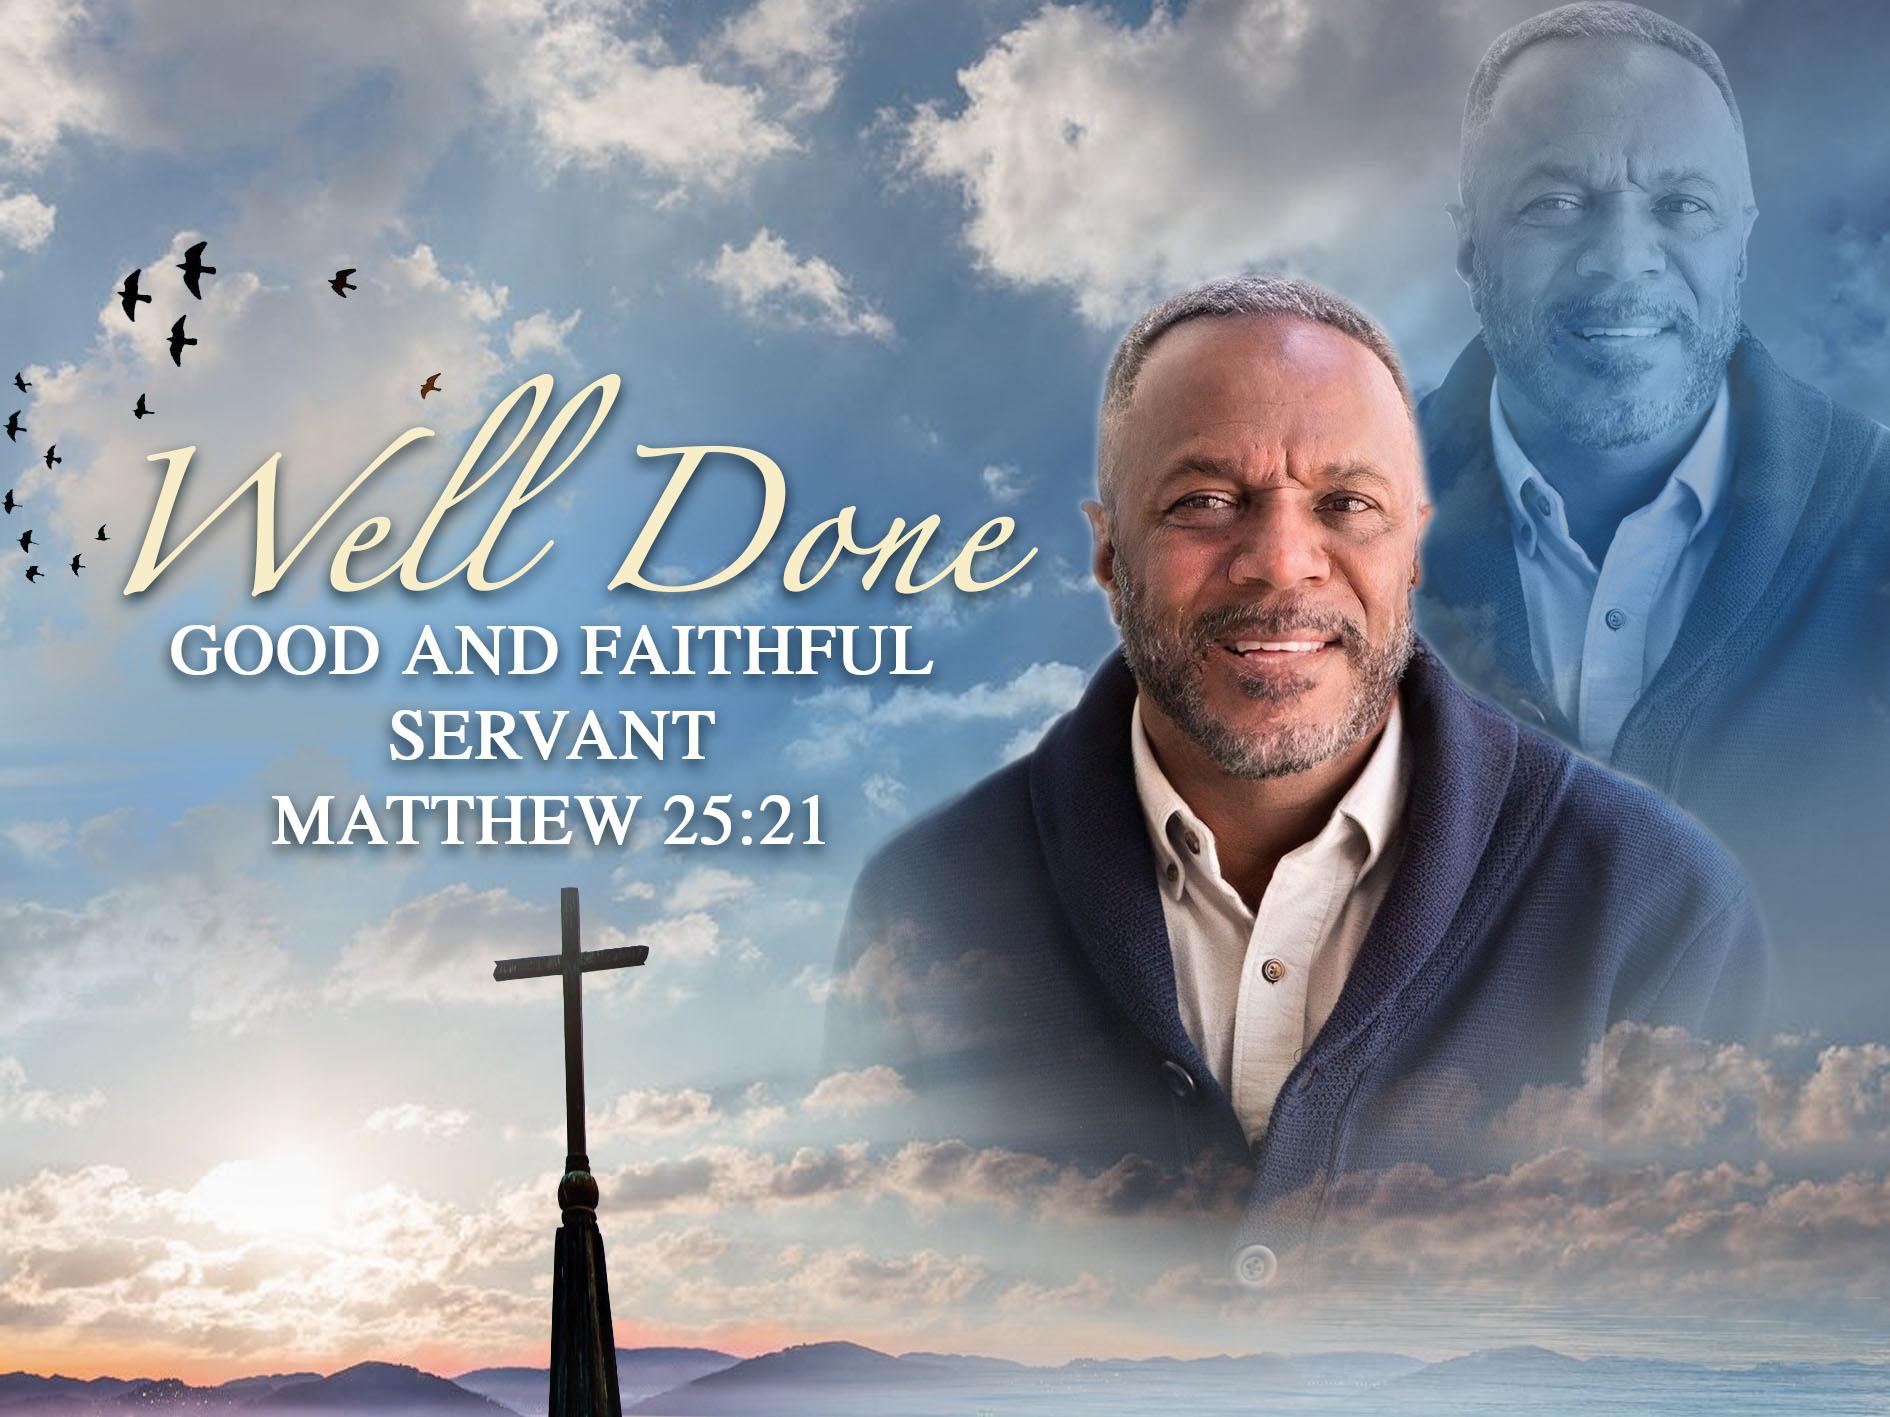 Good and Faithful Servant